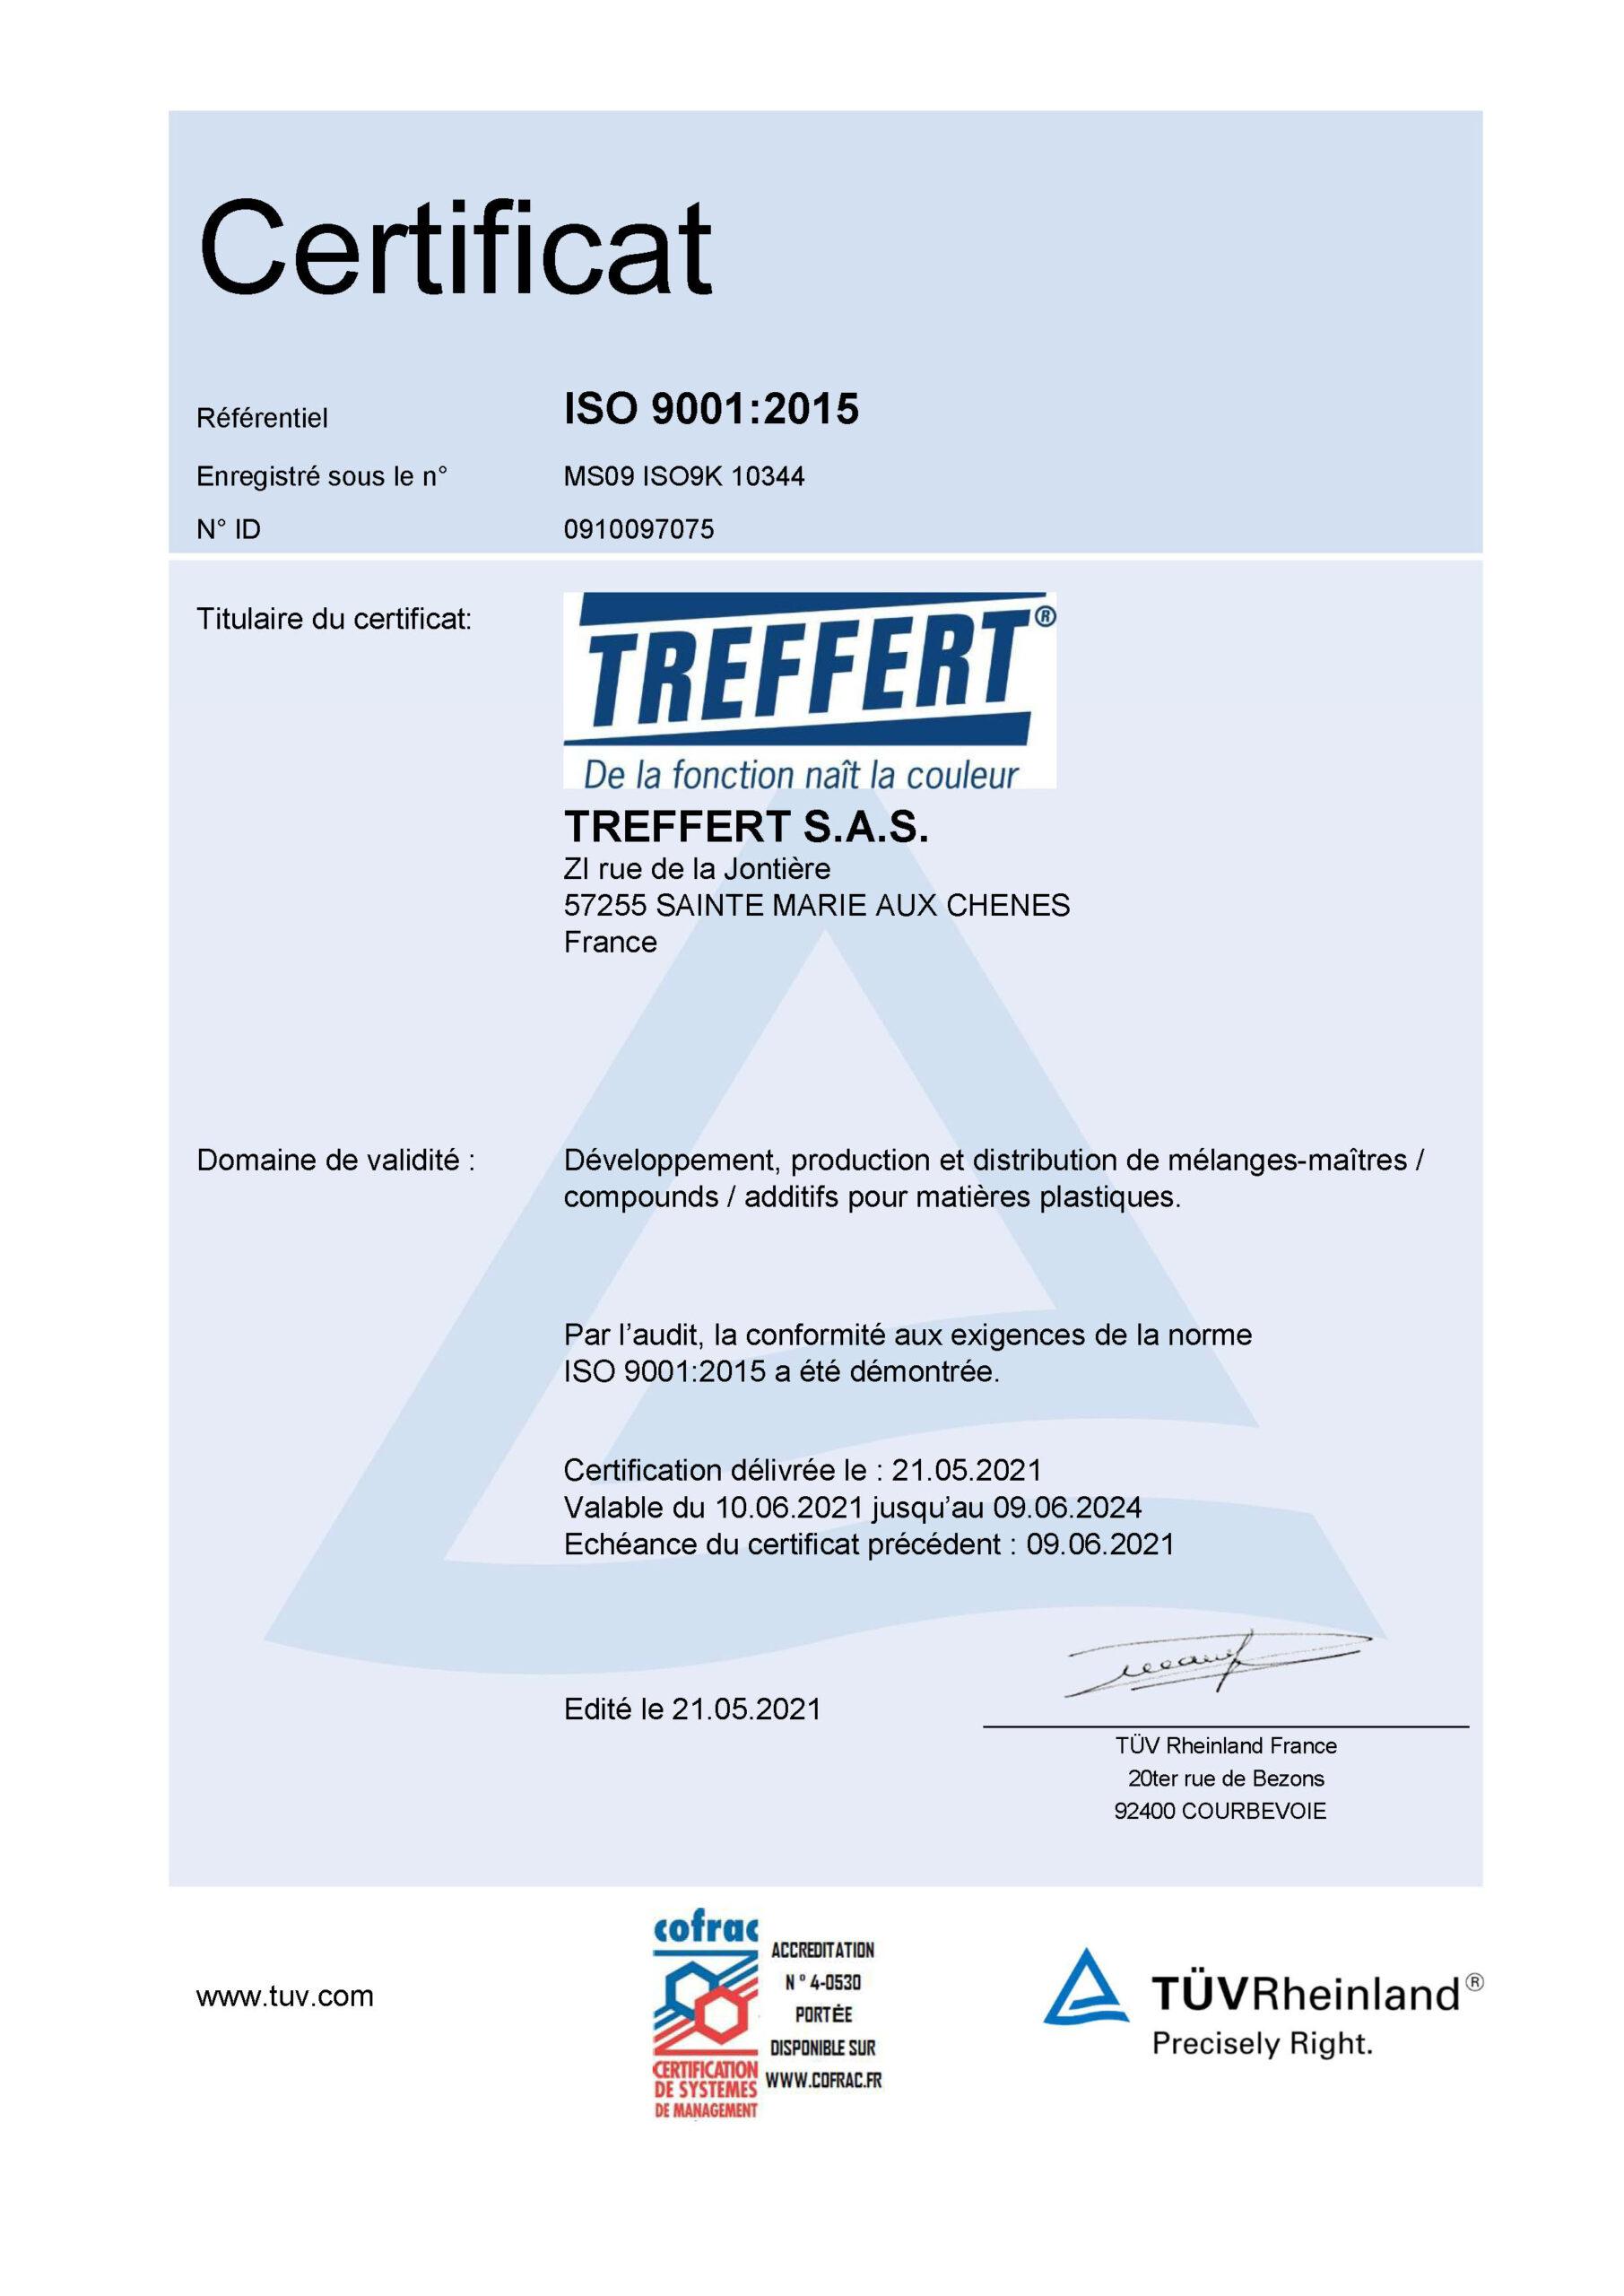 Treffert Zertifikat ISO 9001